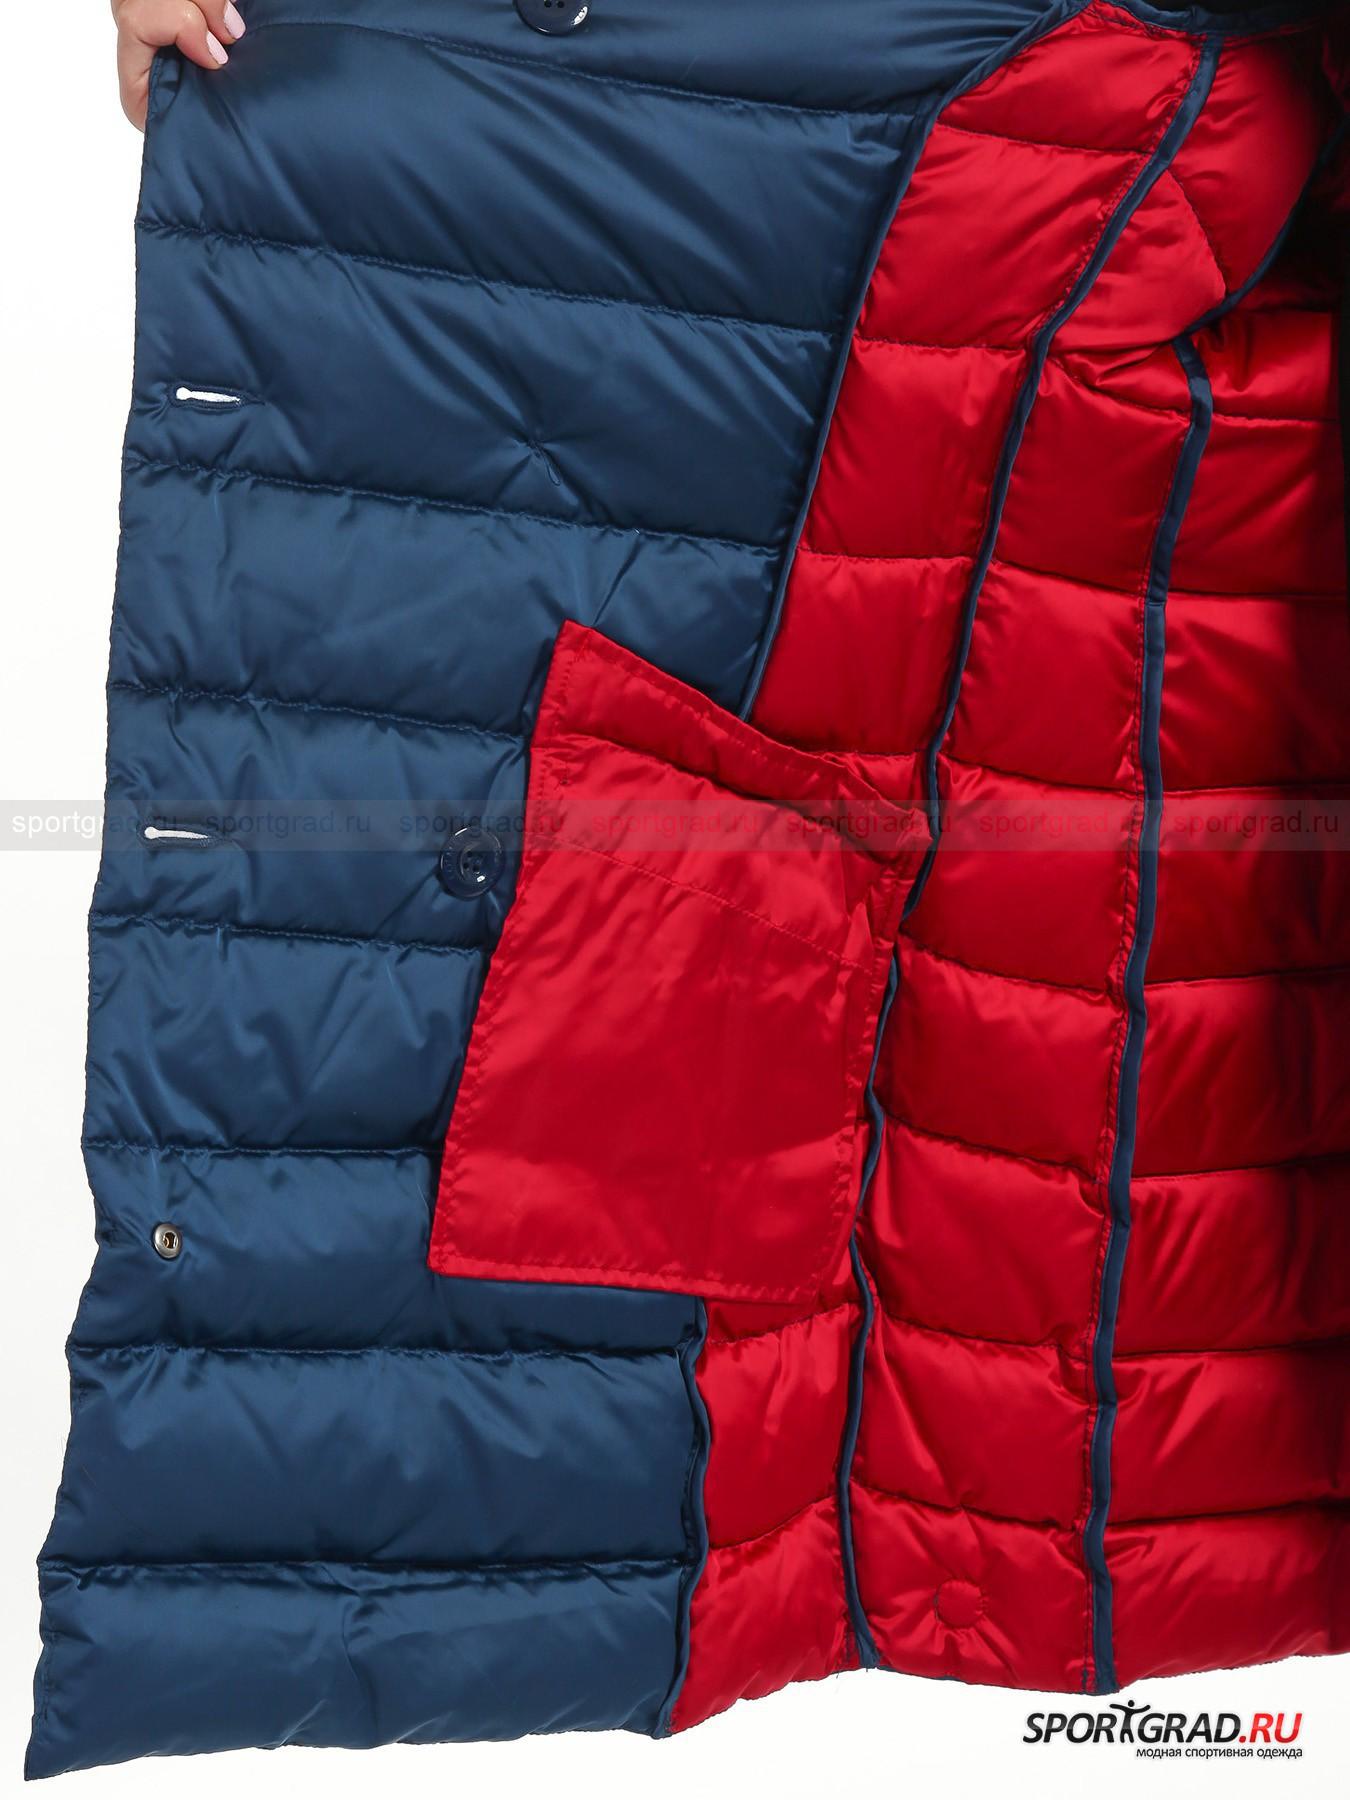 Пальто женское стеганое SHINY COLMAR от Спортград